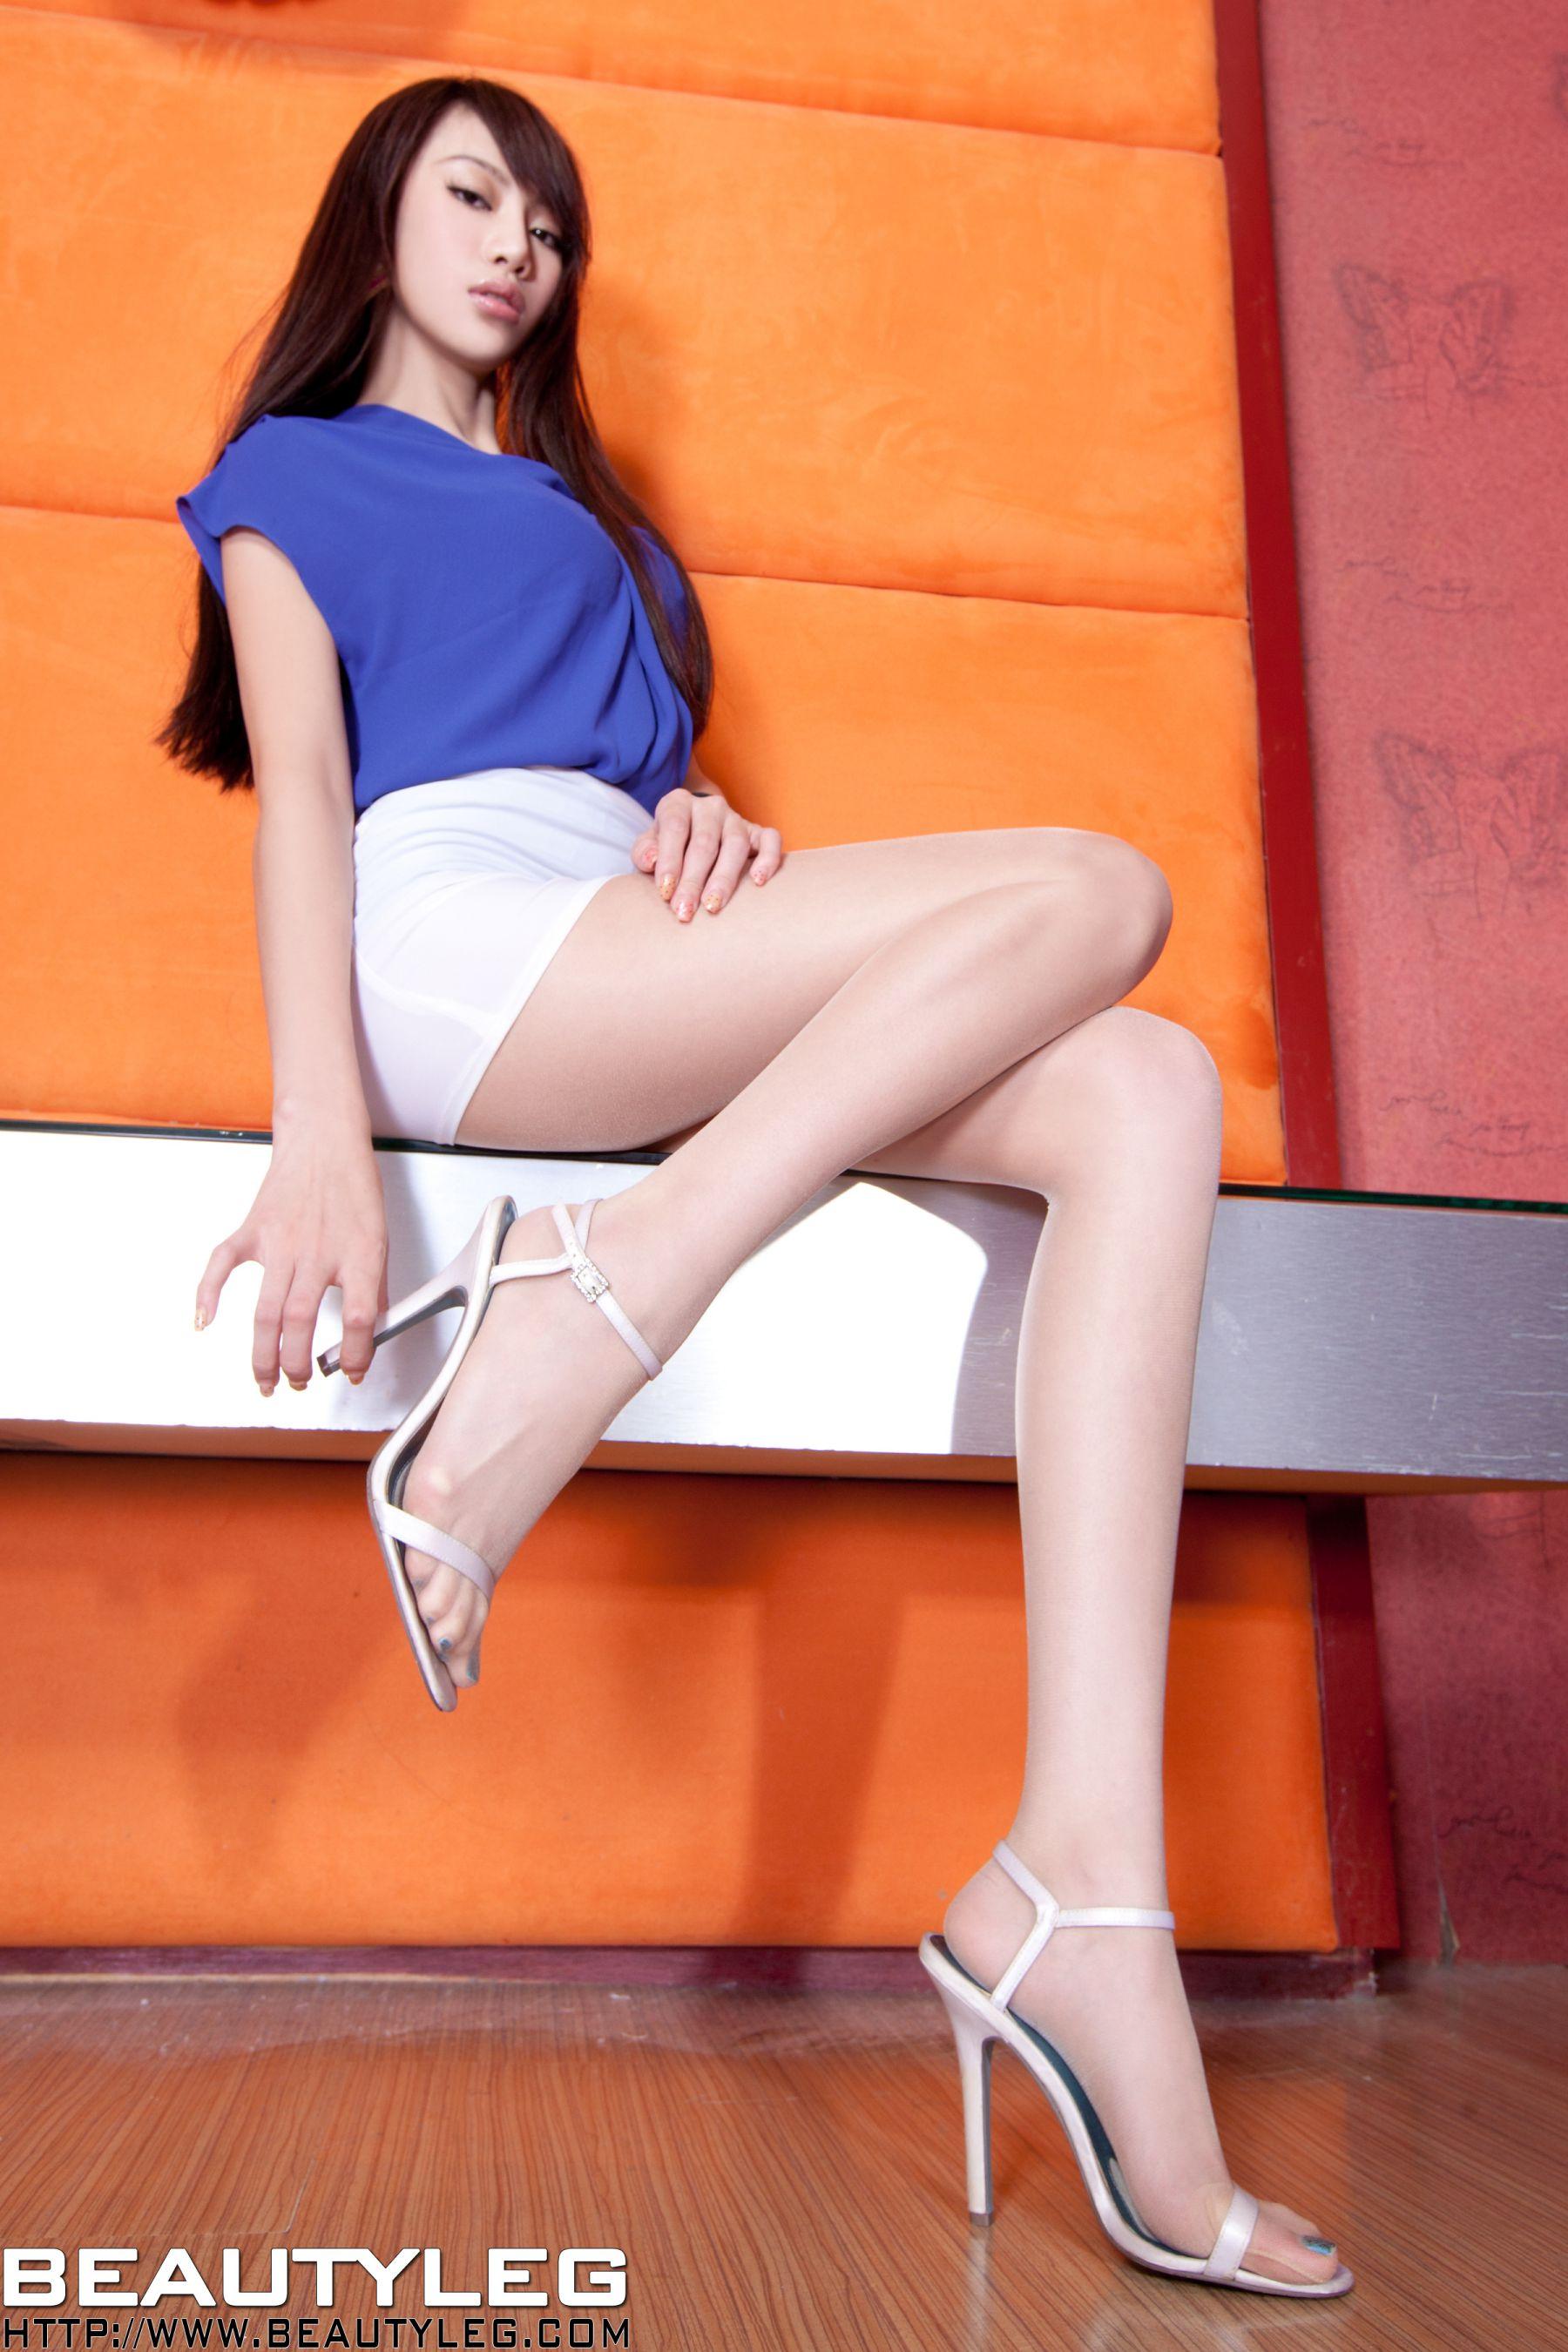 VOL.1558 [Beautyleg]美腿:腿模Luffy高品质写真套图(46P)